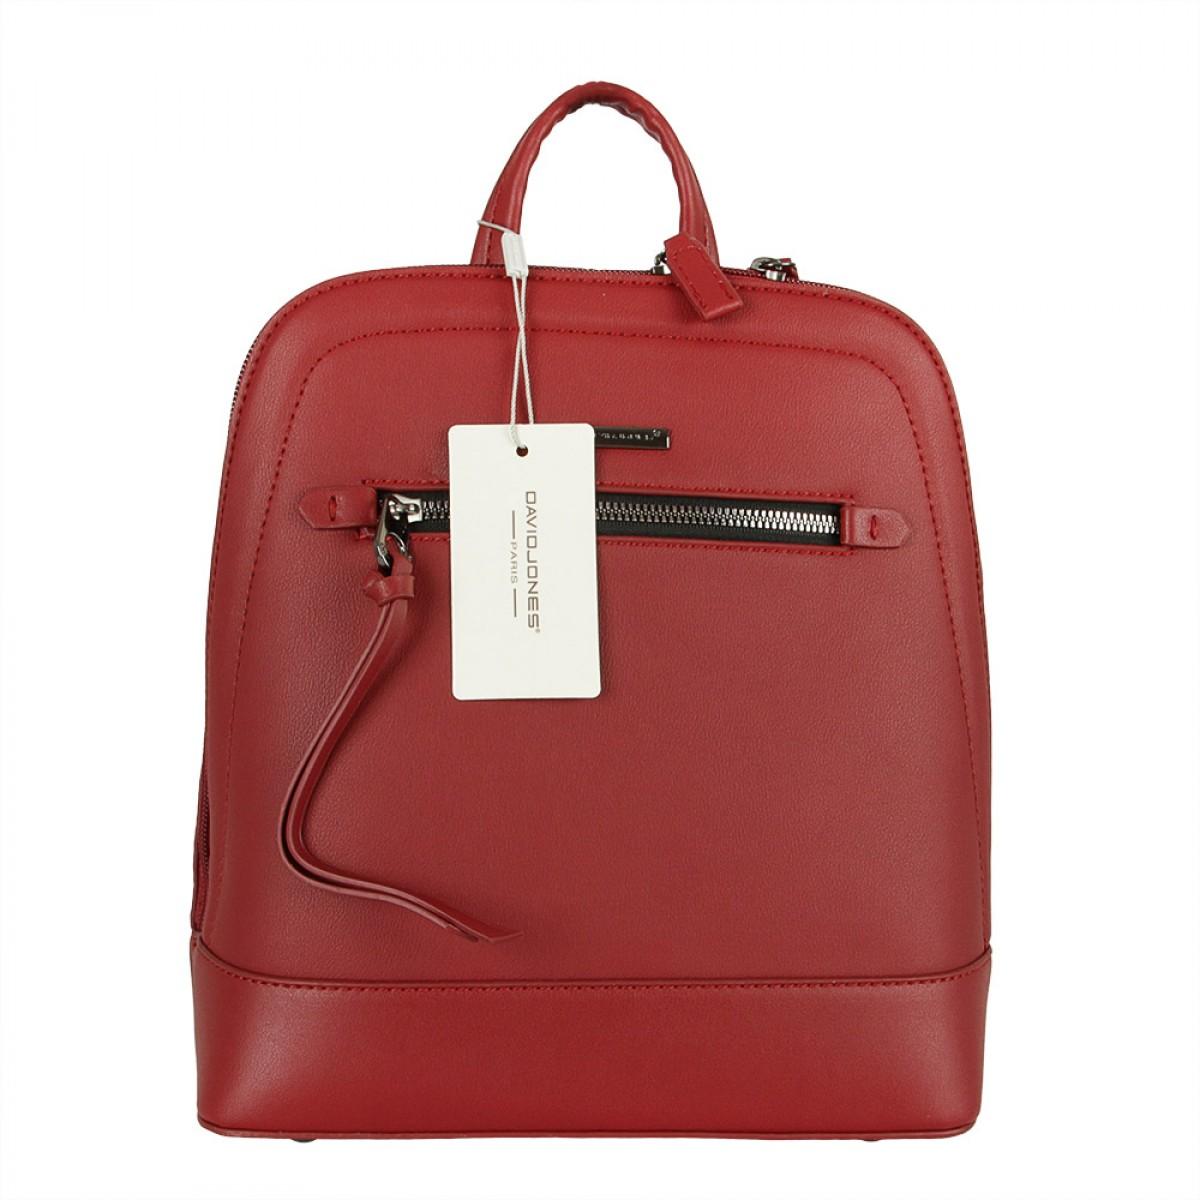 Жіночий рюкзак David Jones 6111-2 BORDEAUX